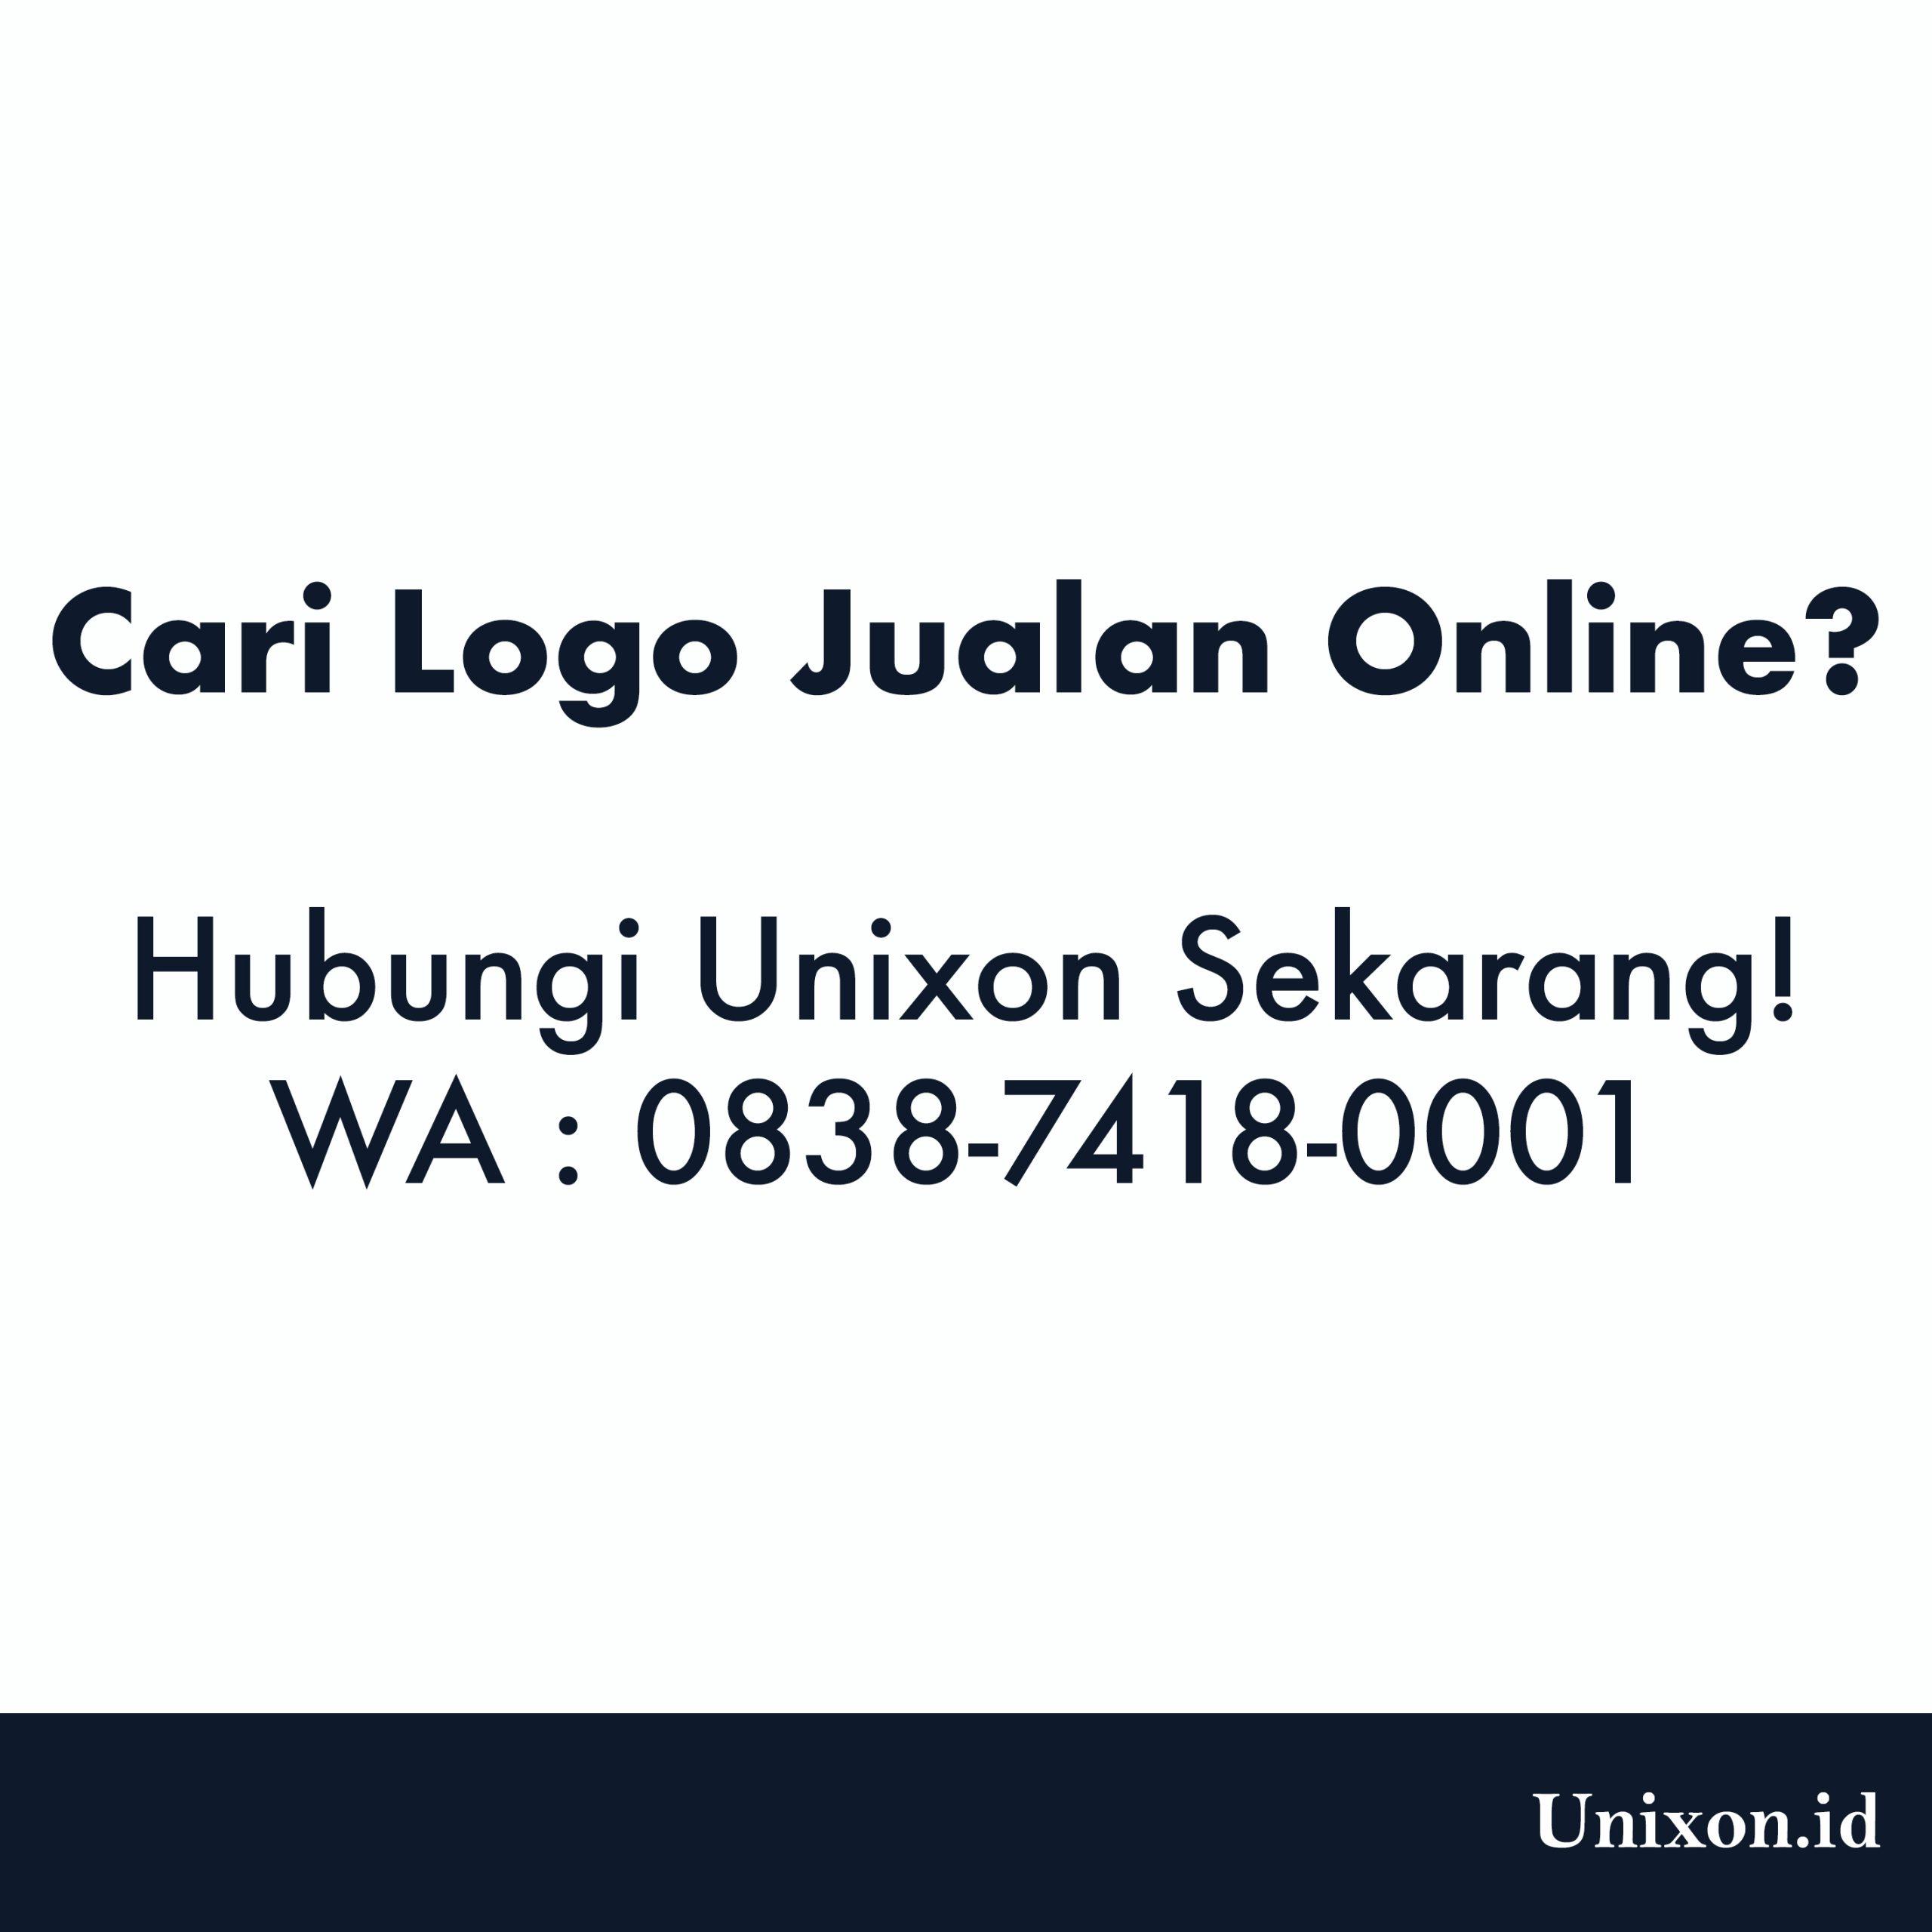 Logo Jualan Online